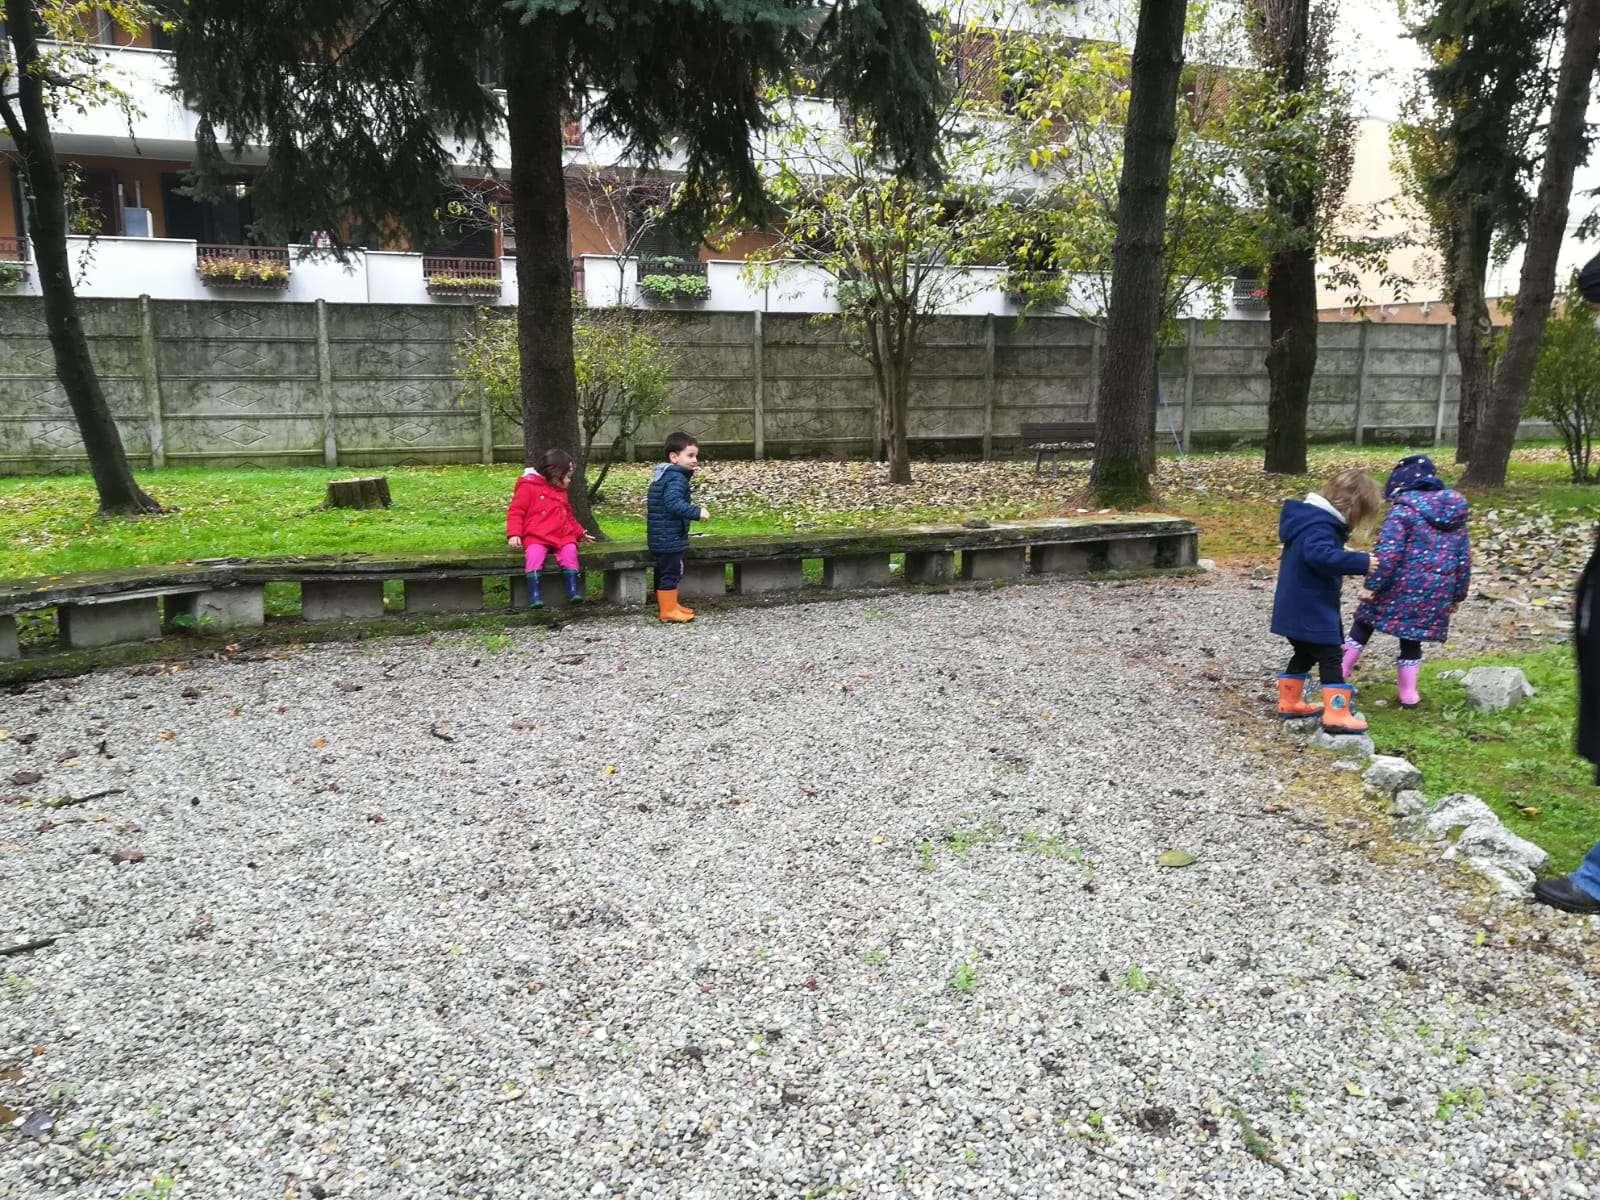 Le lanterne di San Martino - 11 Novembre 2020 - Scuola Materna Peschiera Borromeo